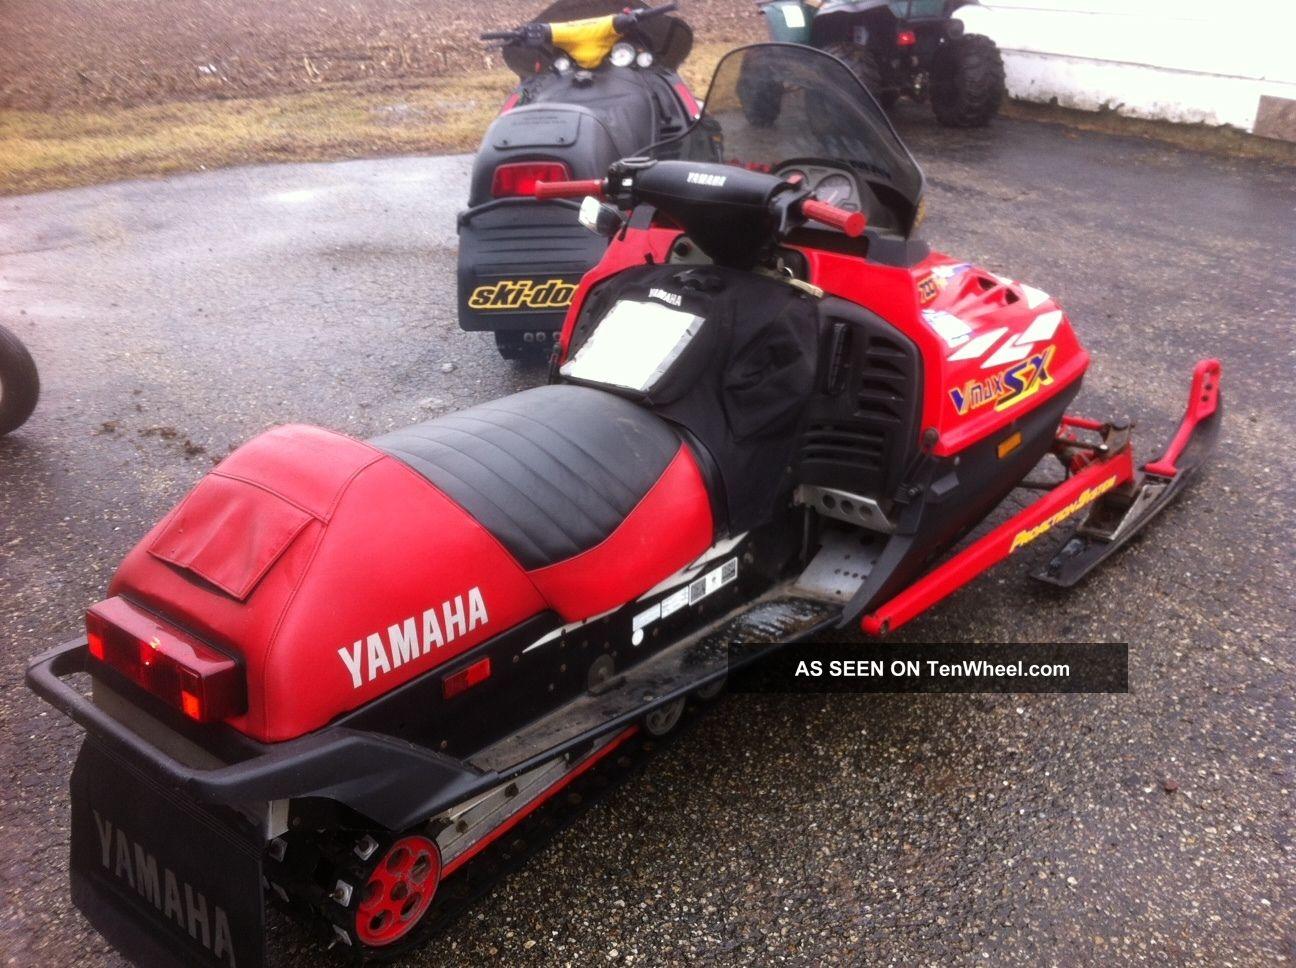 Yamaha Vmax Sx Specs